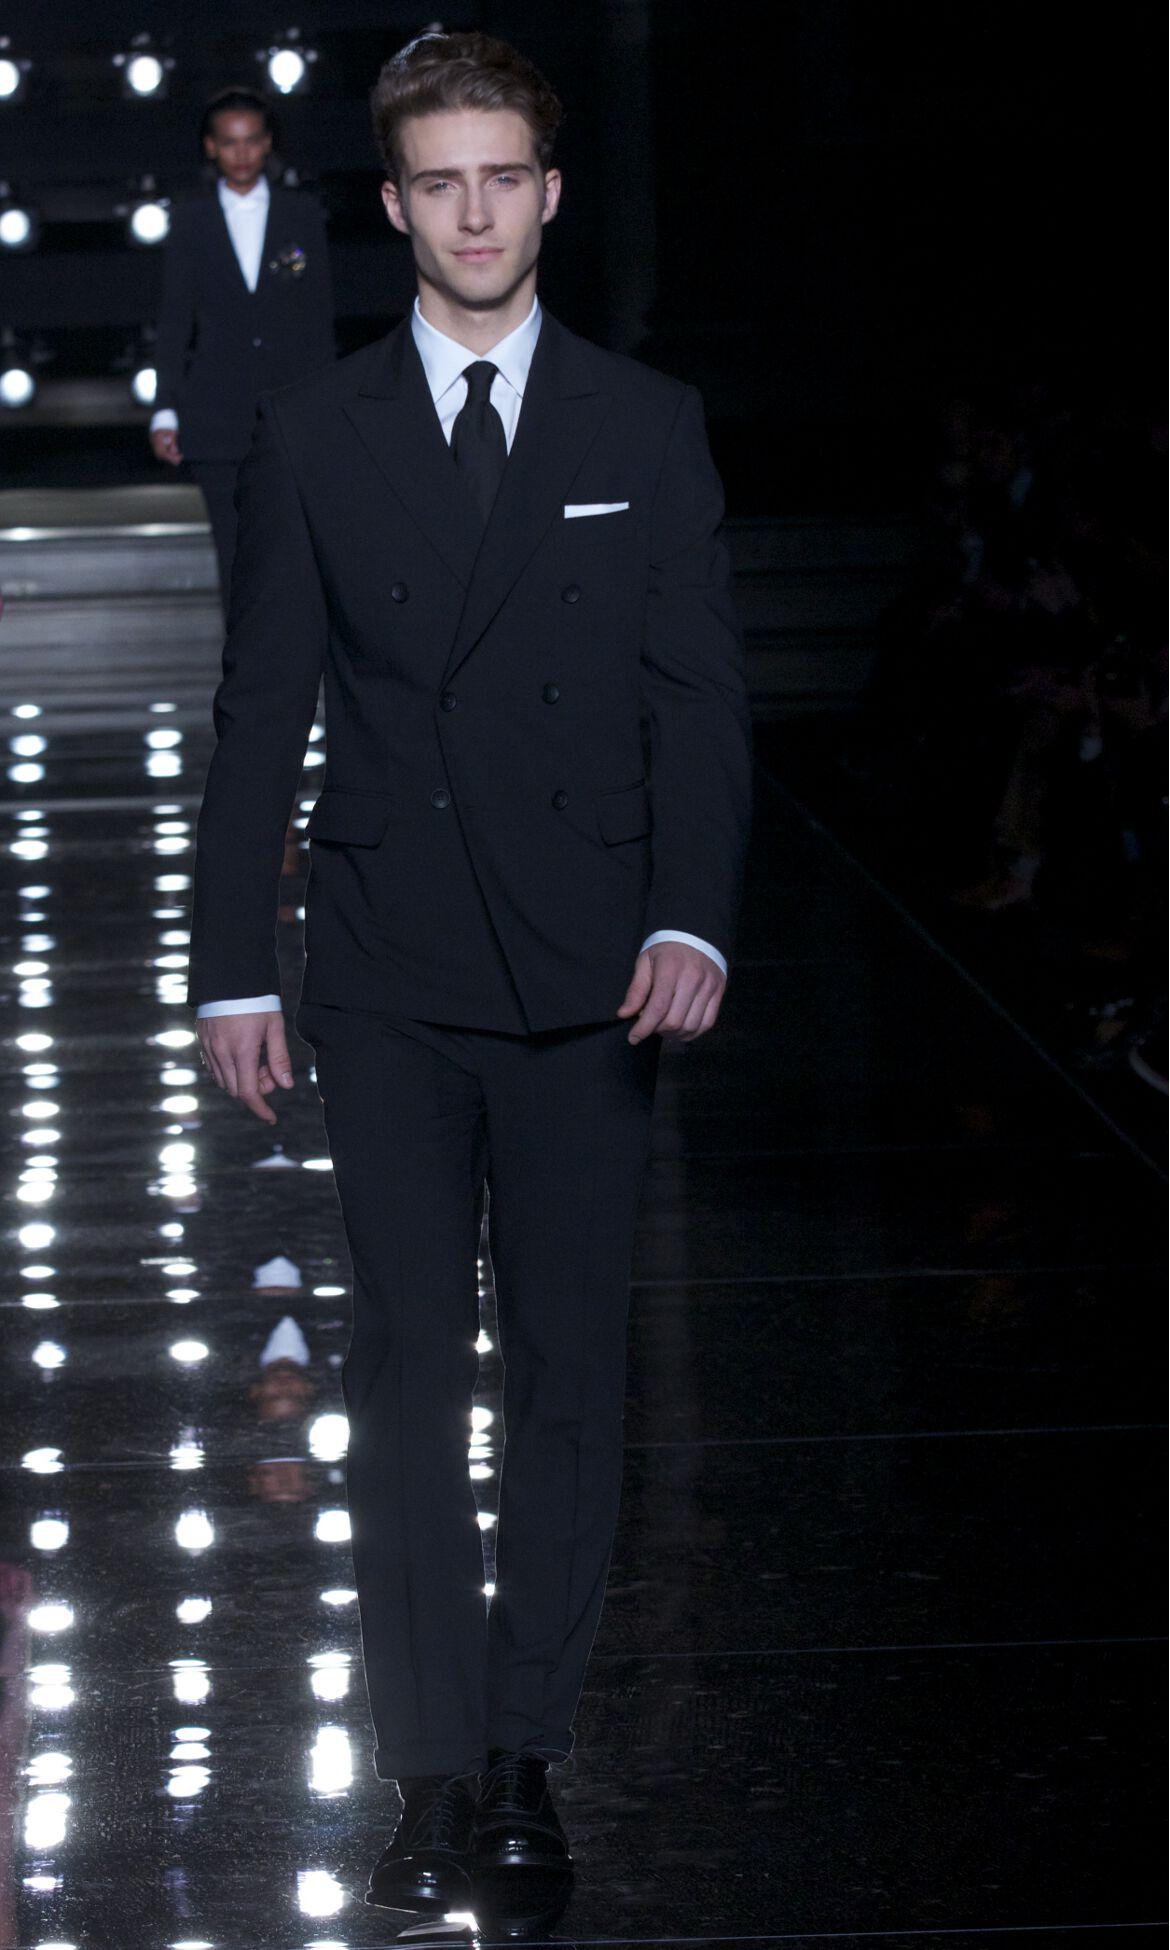 Ermanno Scervino Fashion Show Man Model